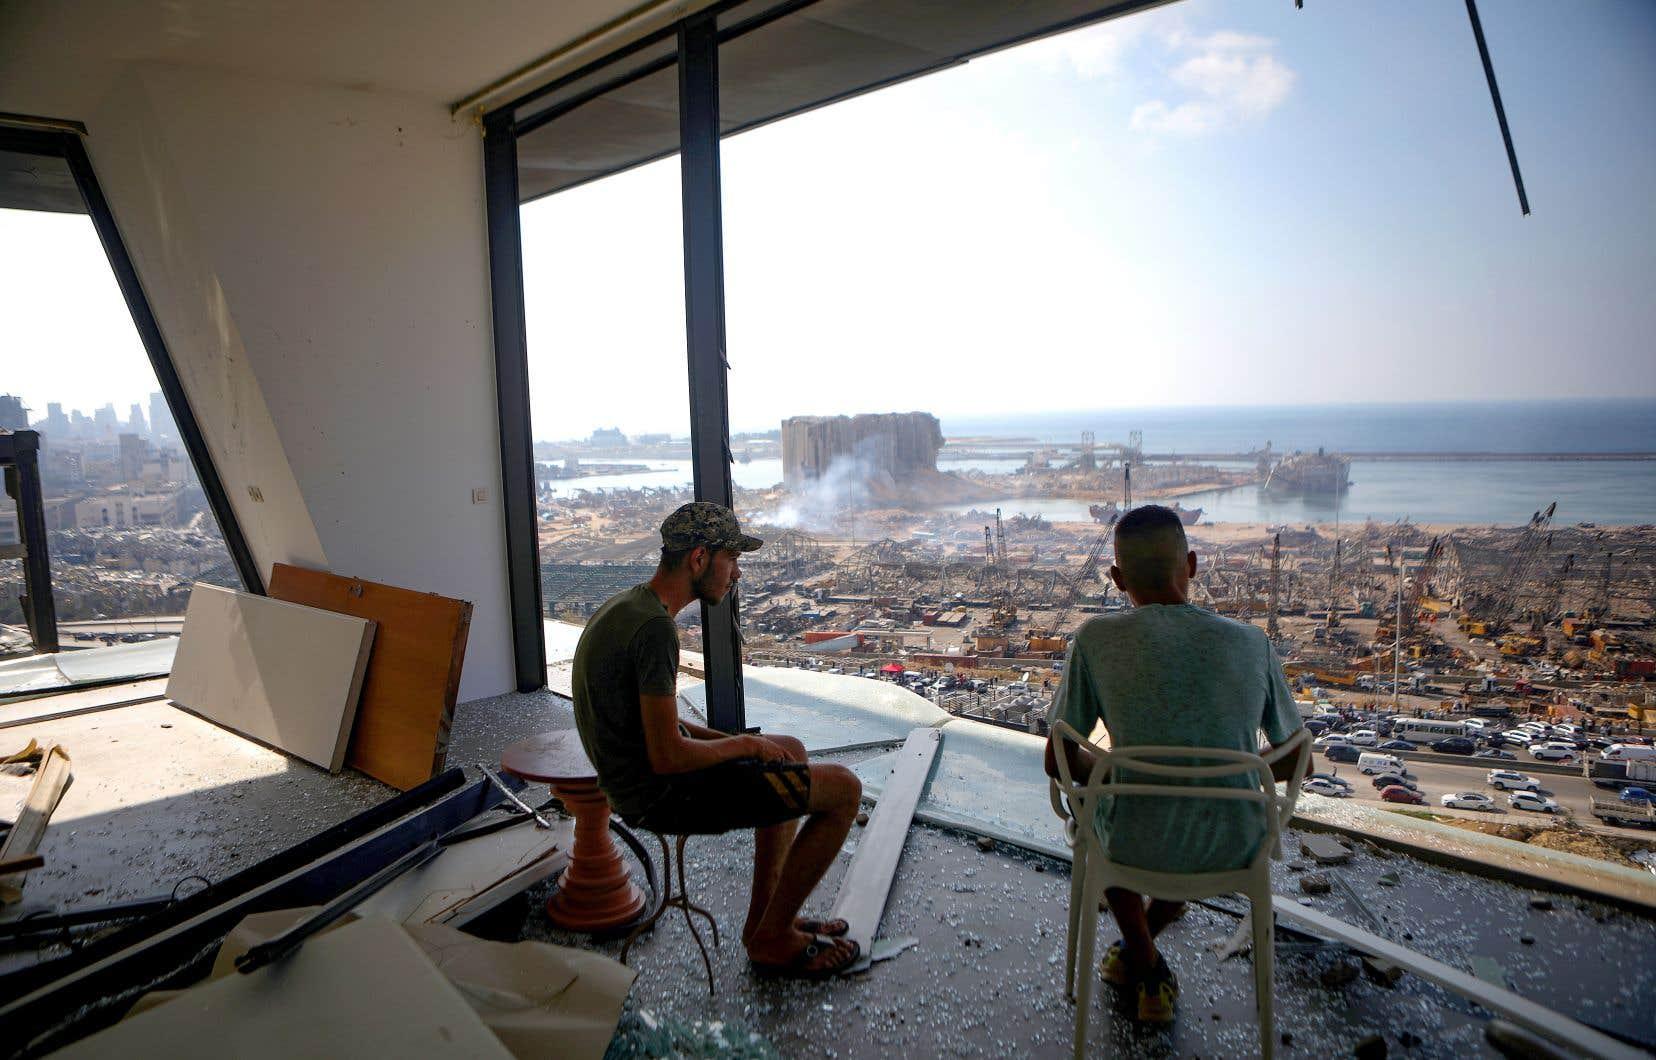 Deux hommes observent Beyrouth dévastée par les explosions depuis un appartement.